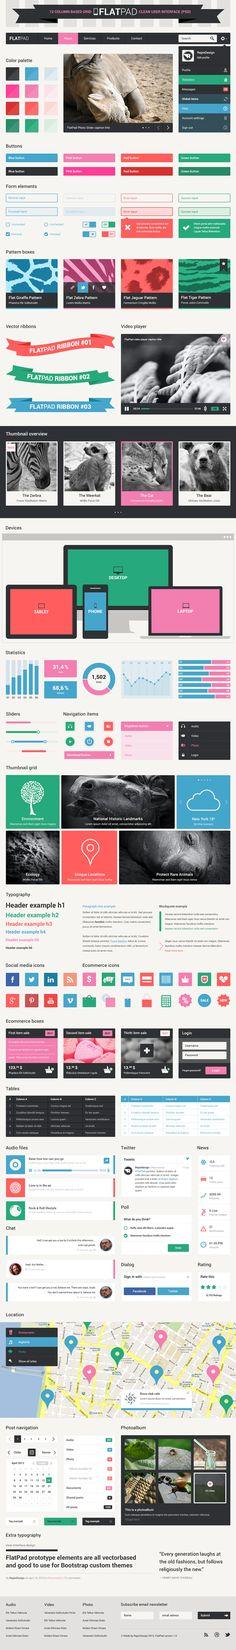 Photoshopテンプレート 12カラム web-design Bootstrap